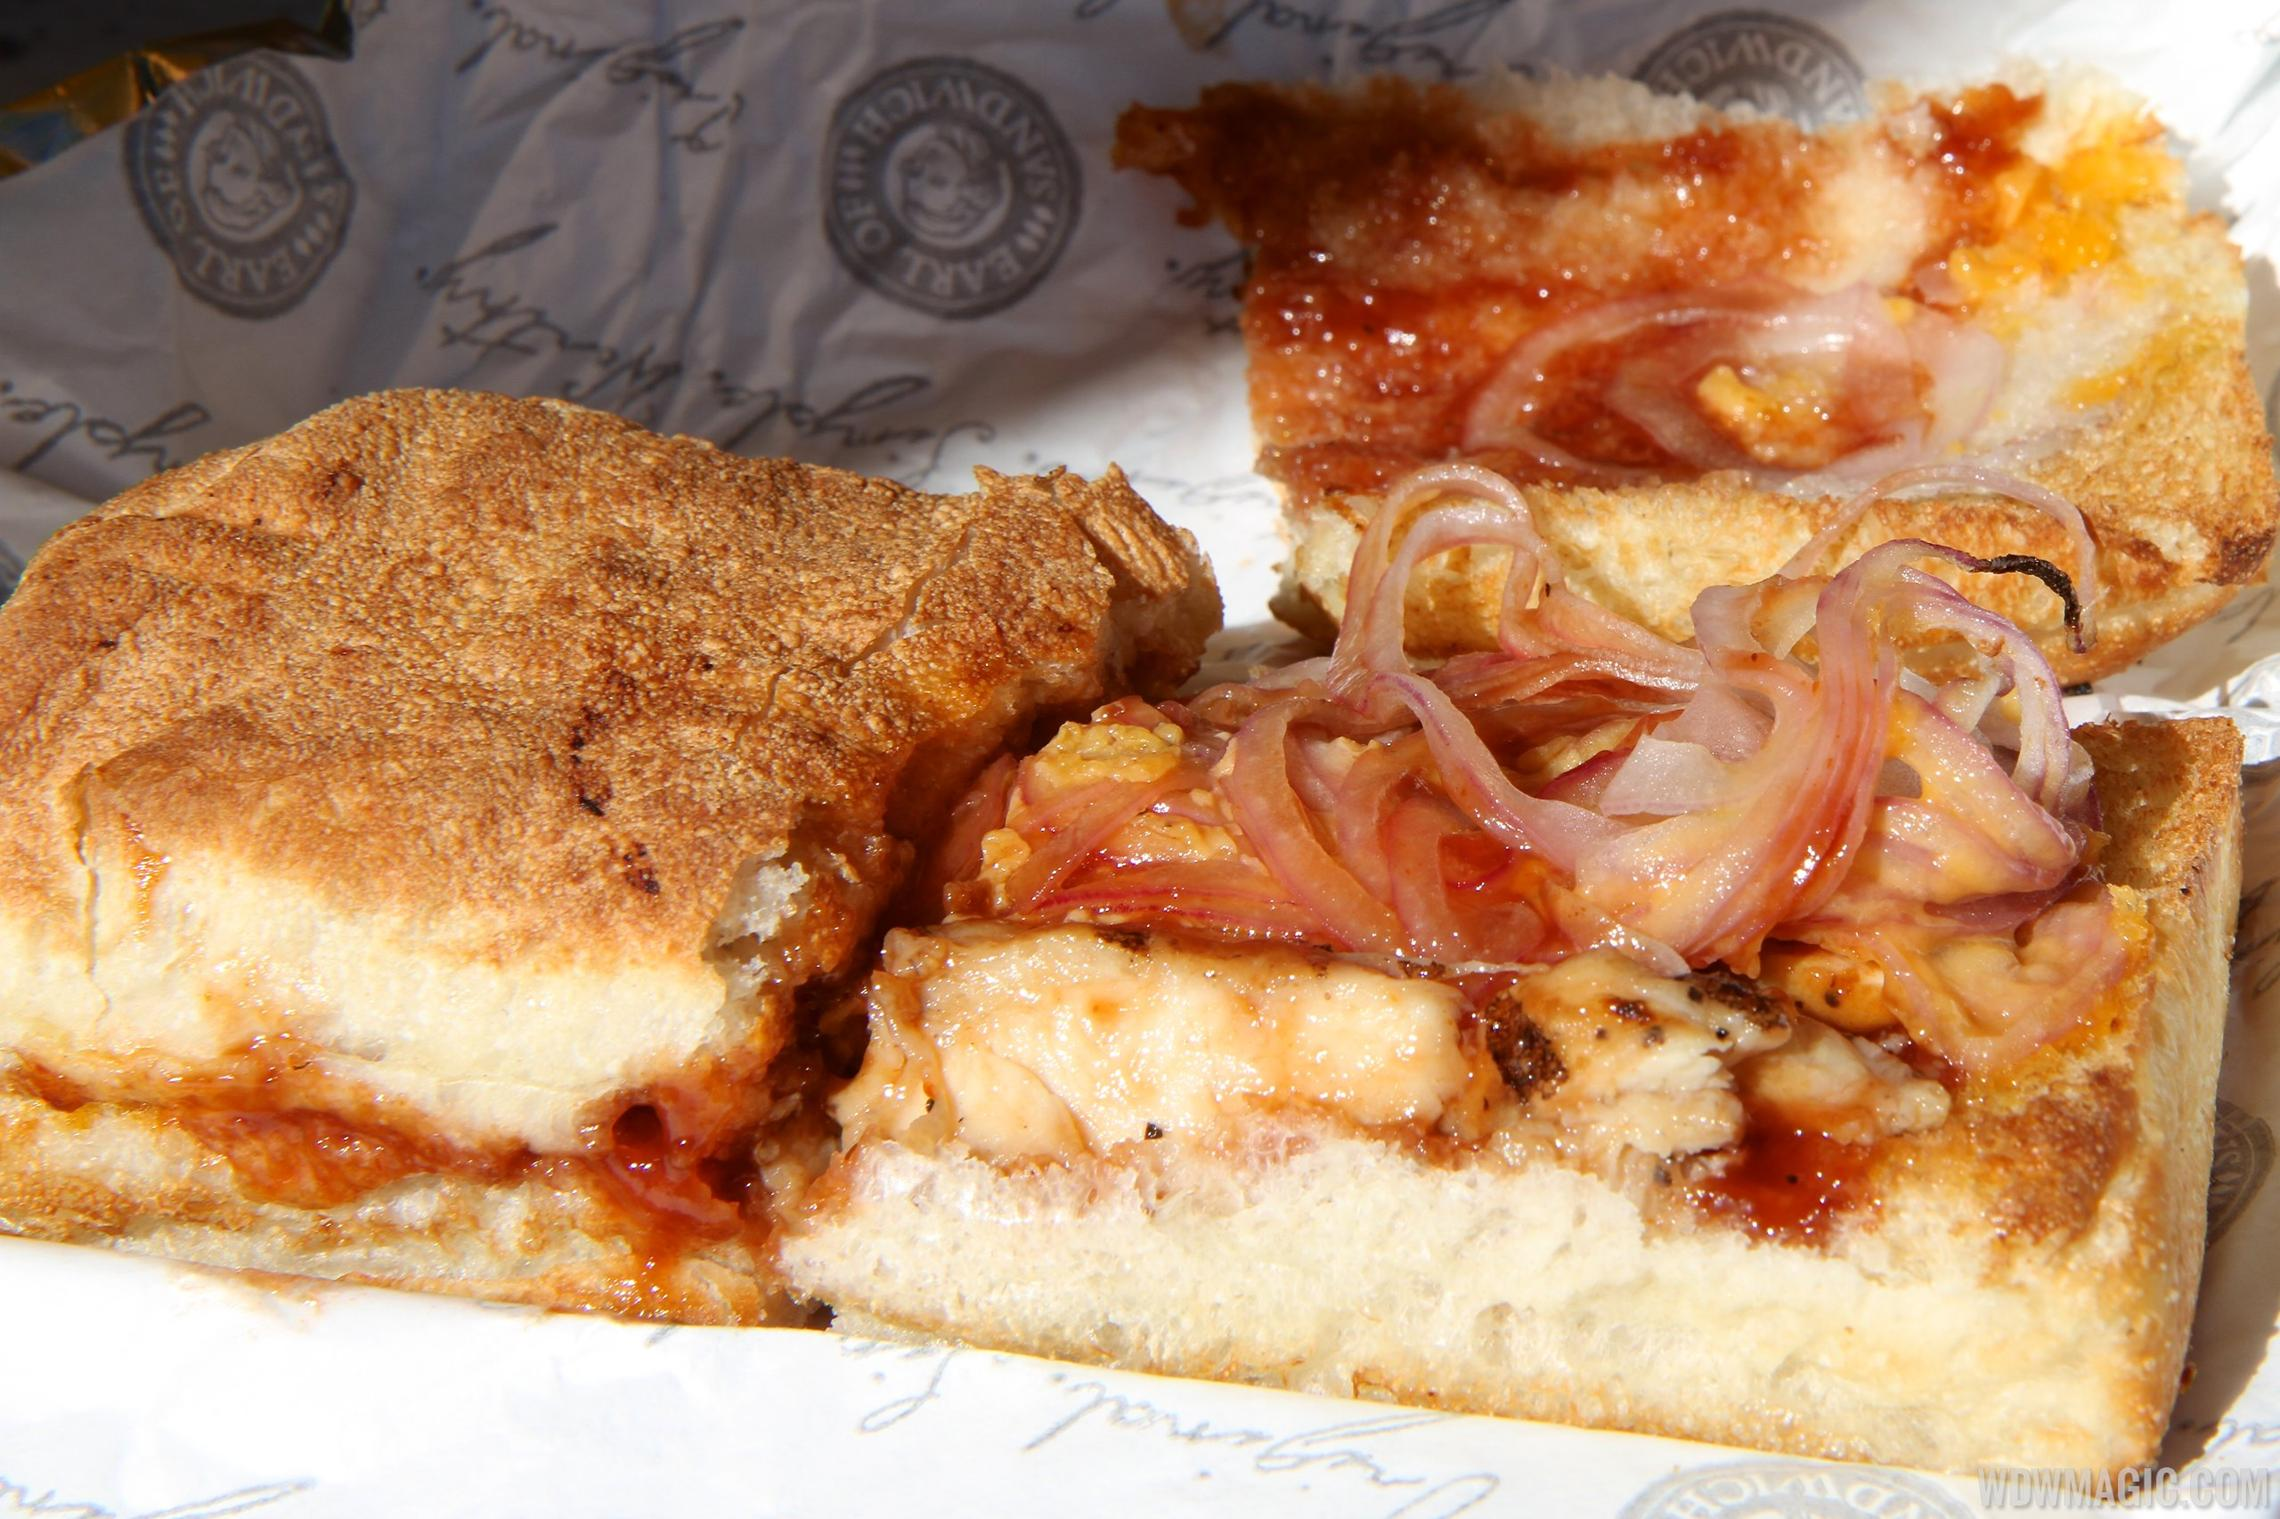 Earl of Sandwich - BBQ Chicken Sandwich